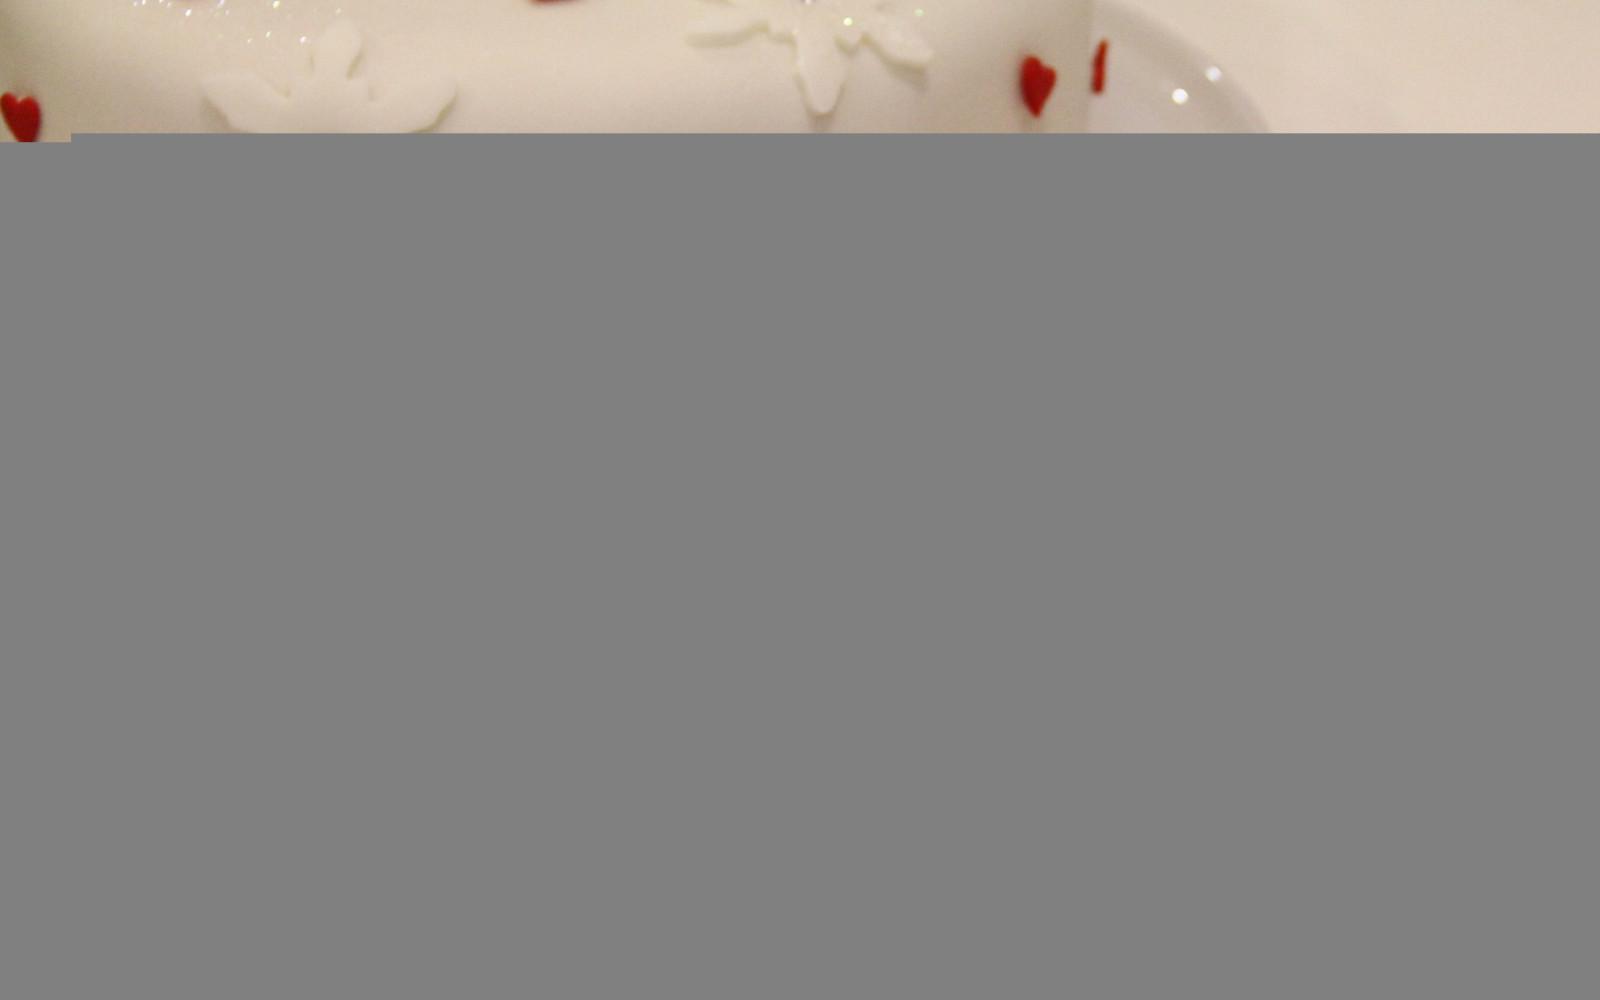 Hintergrundbilder : Weiß, Lebensmittel, Vorhang, Kuchen, Weihnachten ...